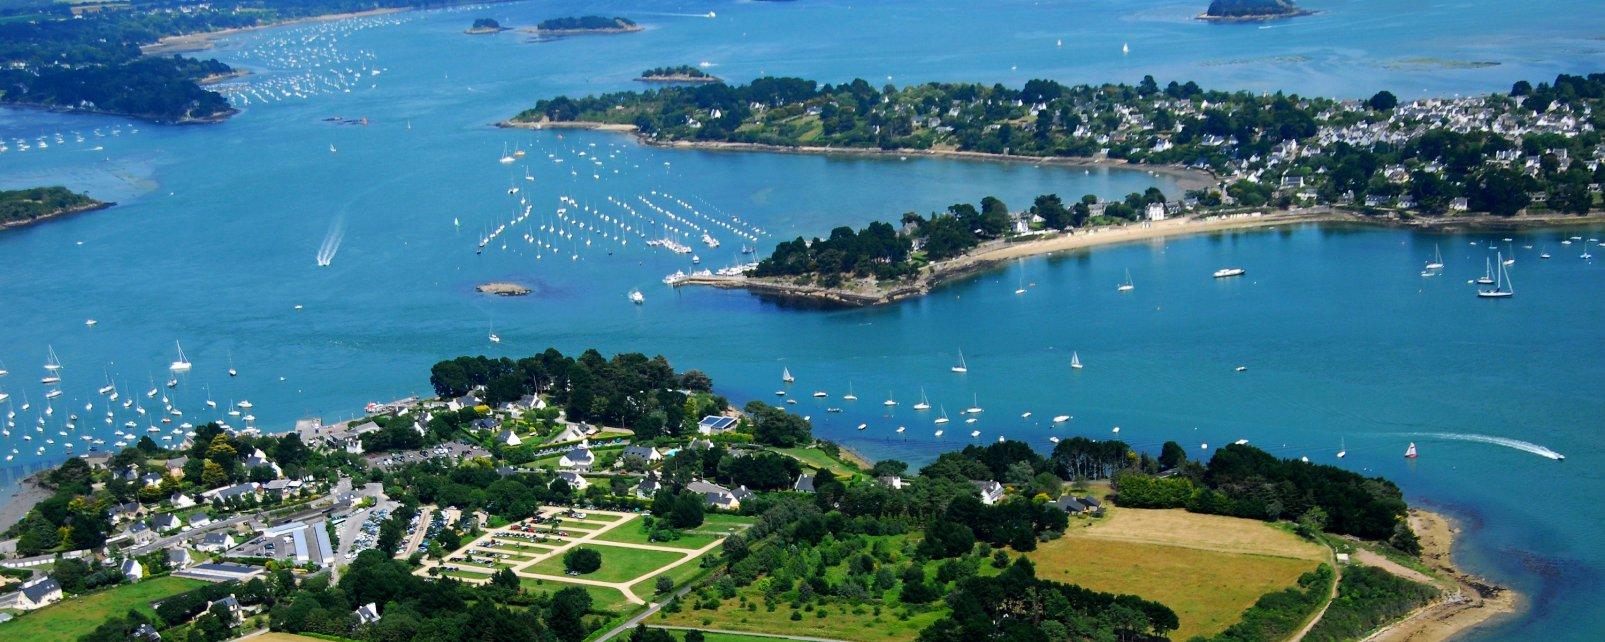 L'île aux Moines, Bretagne, France,